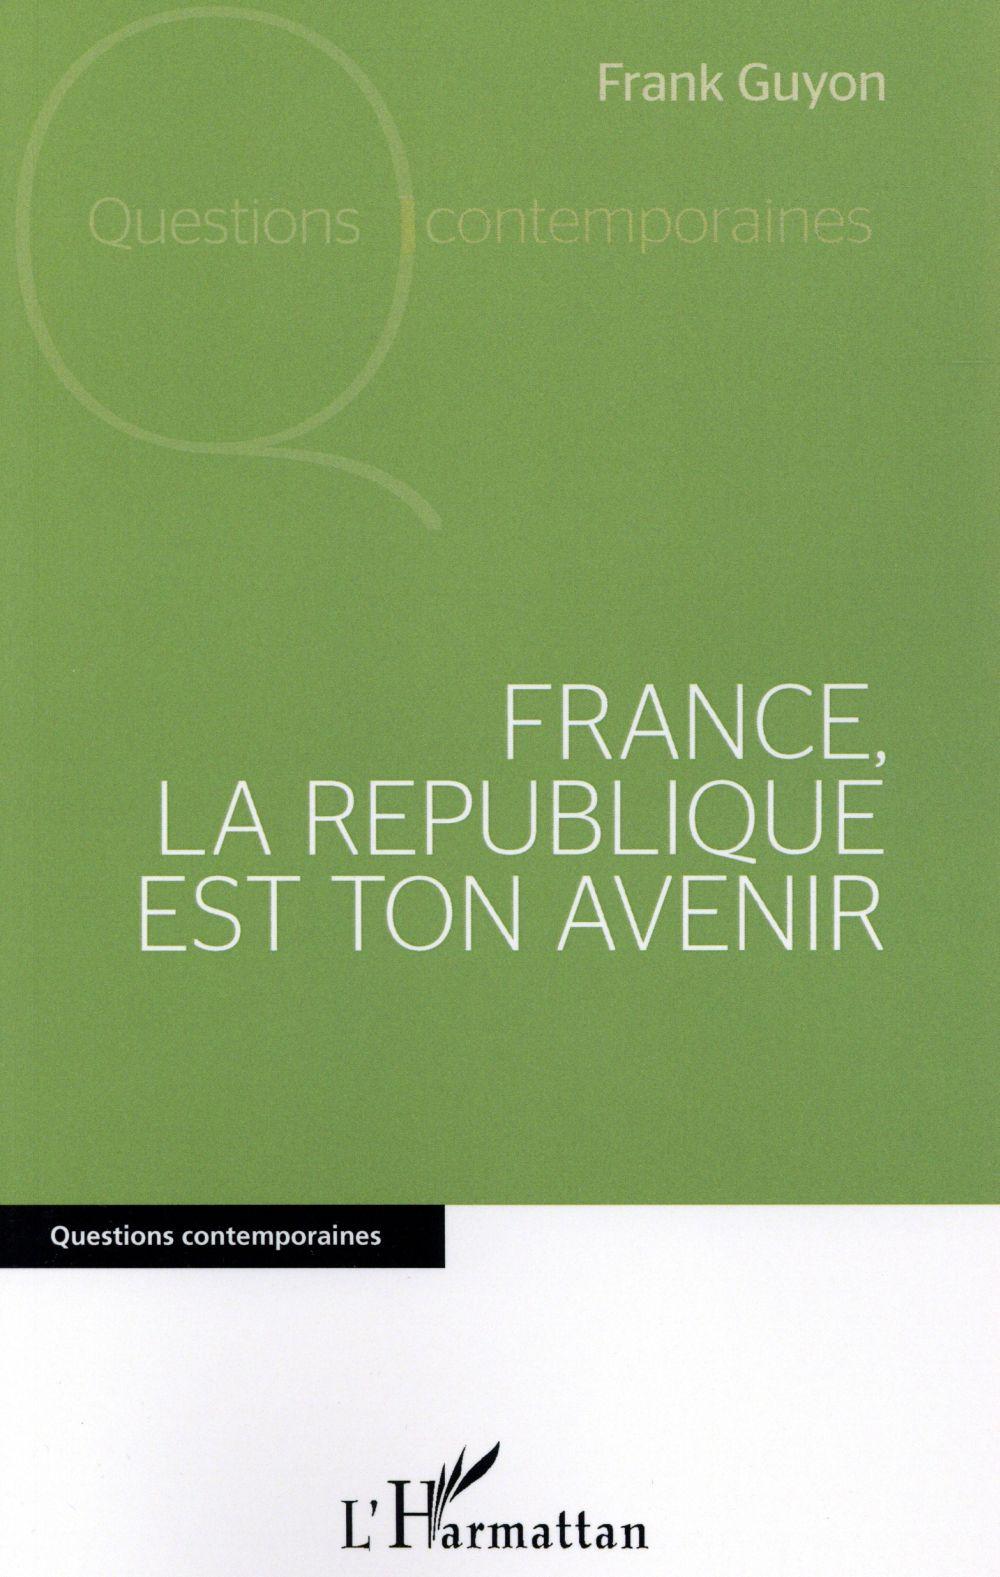 France, la République est ton avenir